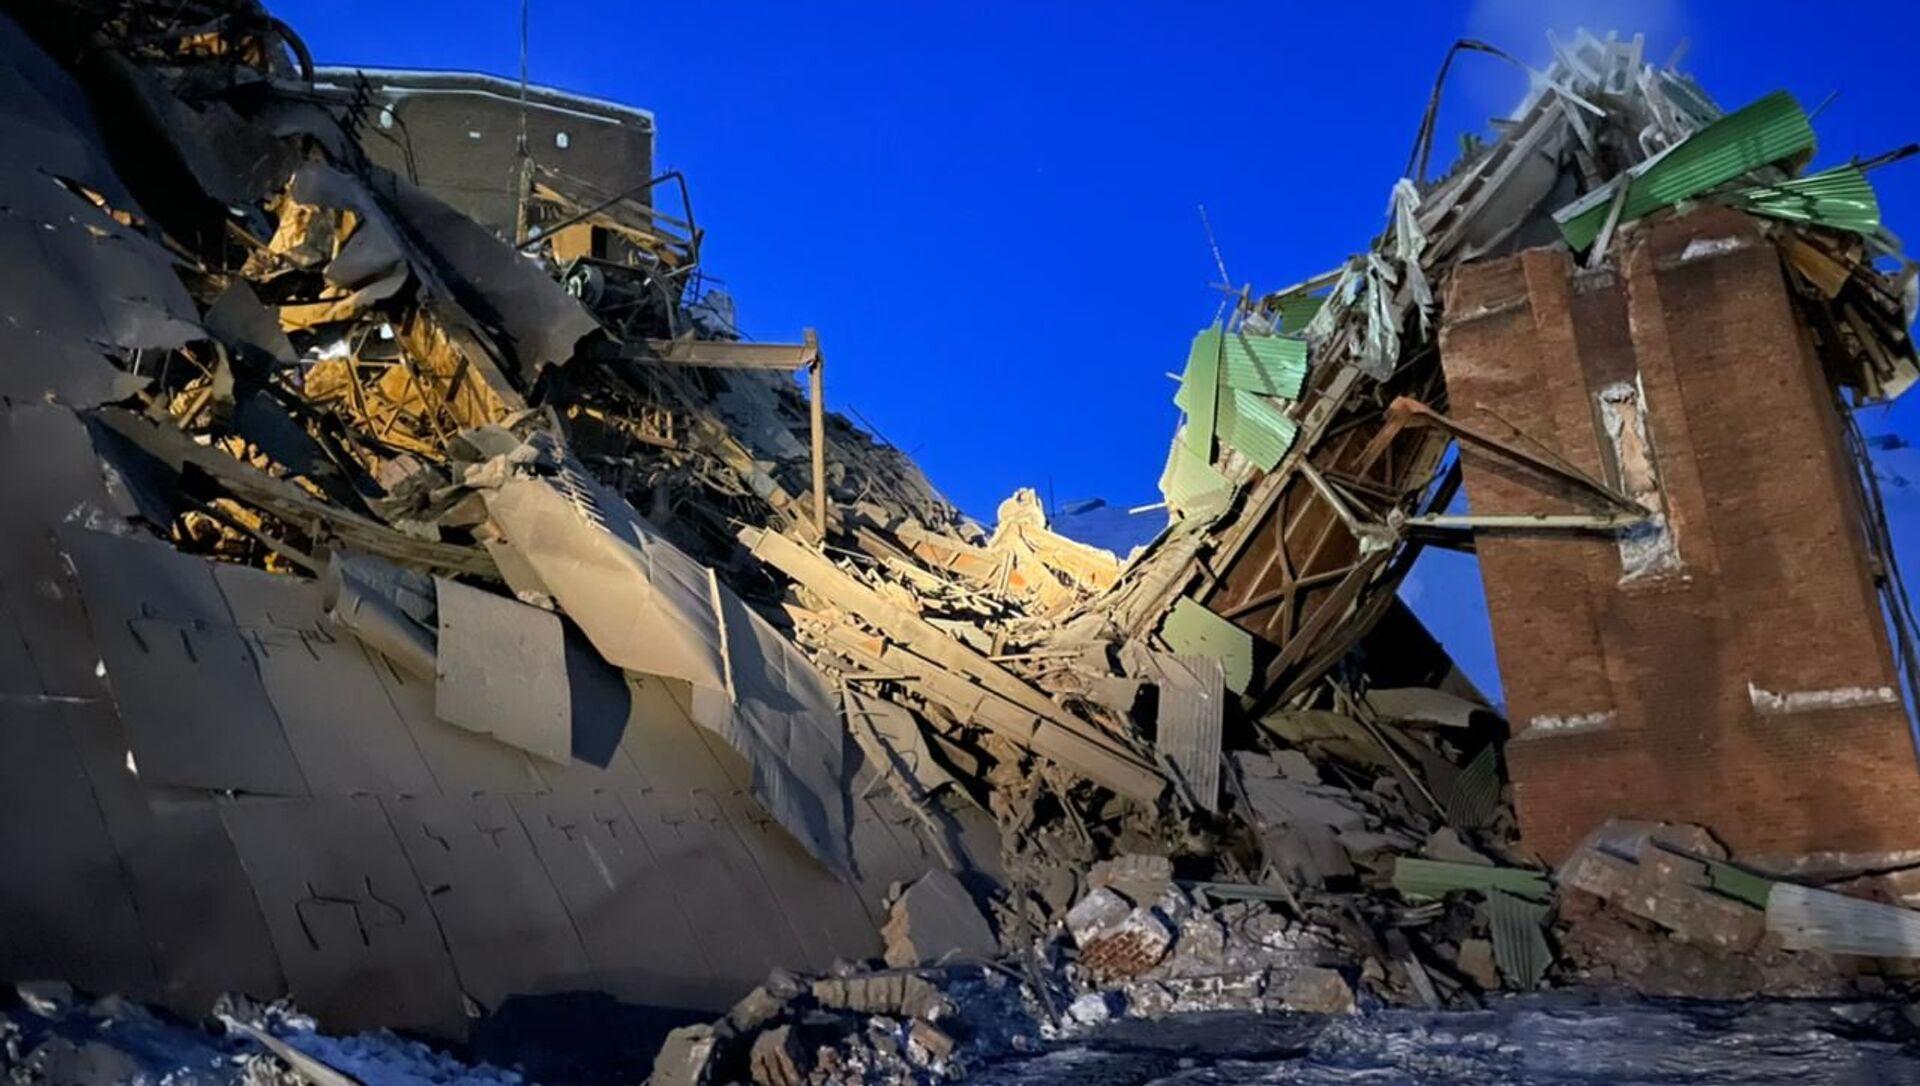 Обрушение здания цеха на горно-обогатительной фабрике в Норильске - Sputnik Беларусь, 1920, 20.02.2021